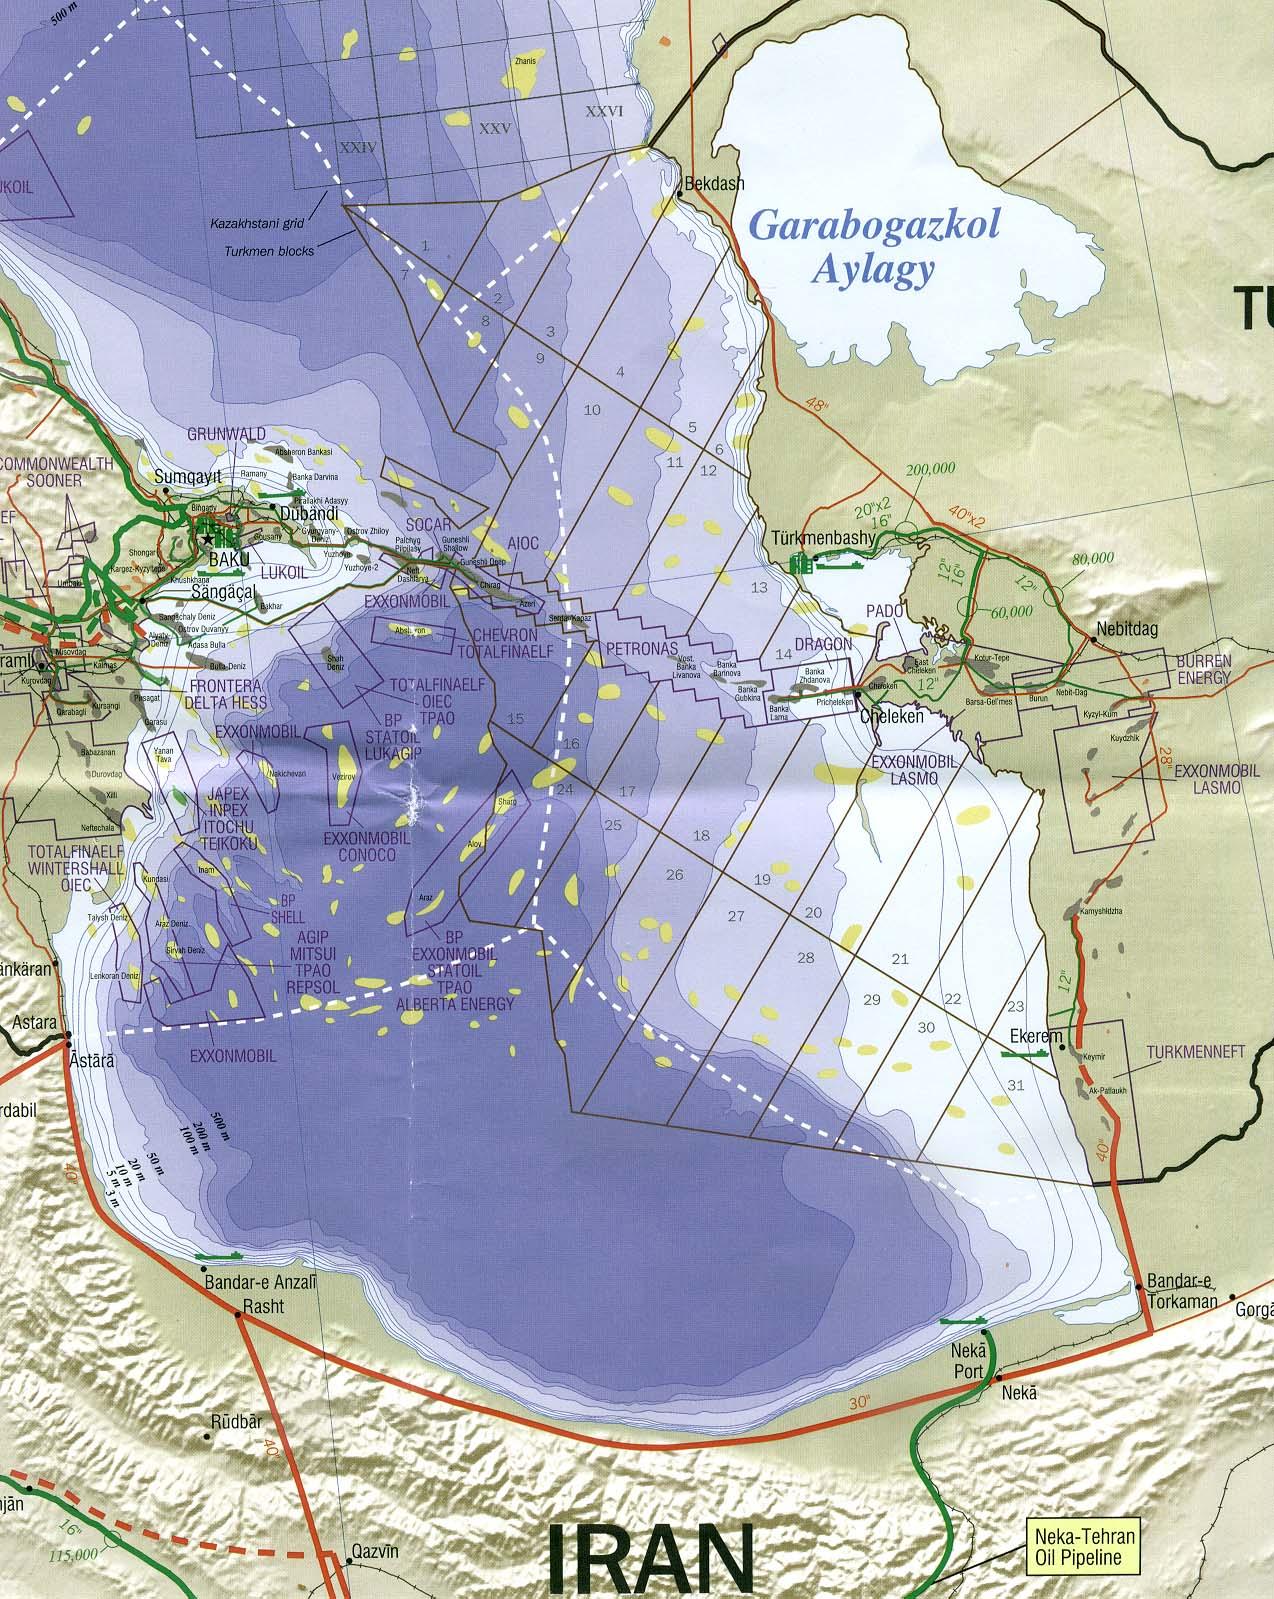 Southen Caspian Sea Oil Claims Map - Caspian Sea • mappery